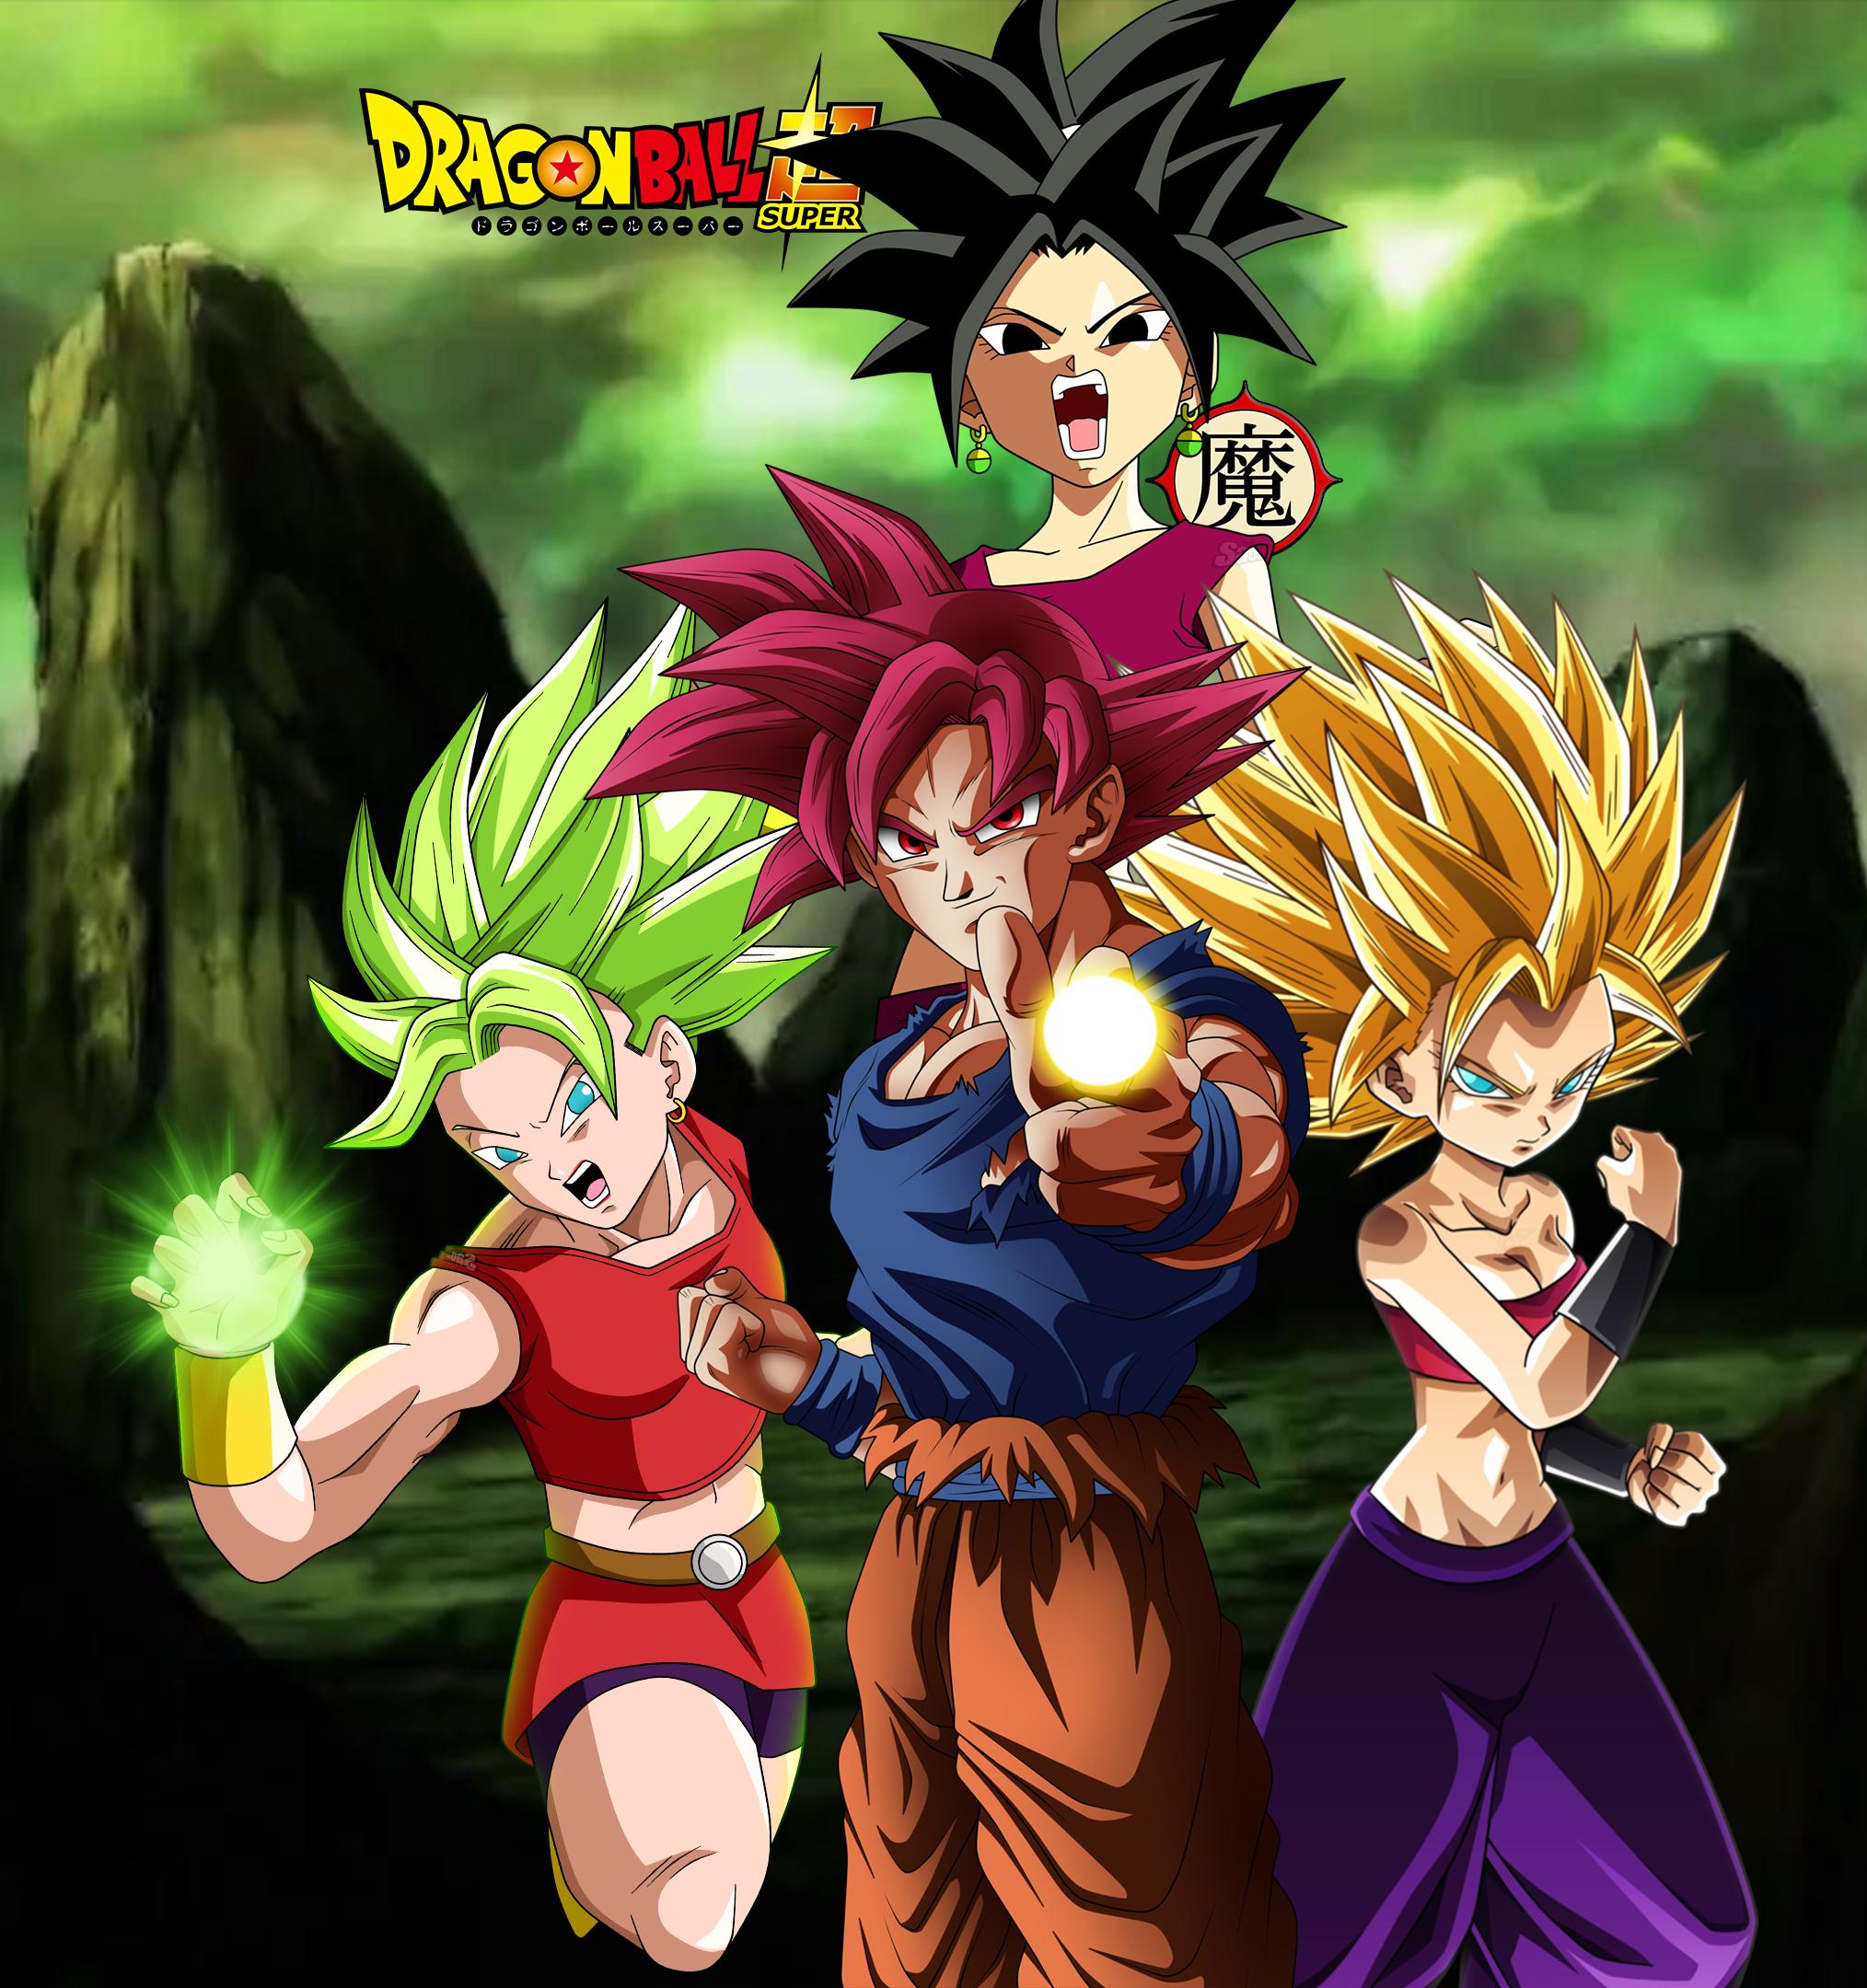 Dragon Ball Super Christmas Wallpaper: Goku Caulifla Kale And Kefla Wallpaper By Daimaoha5a4 On